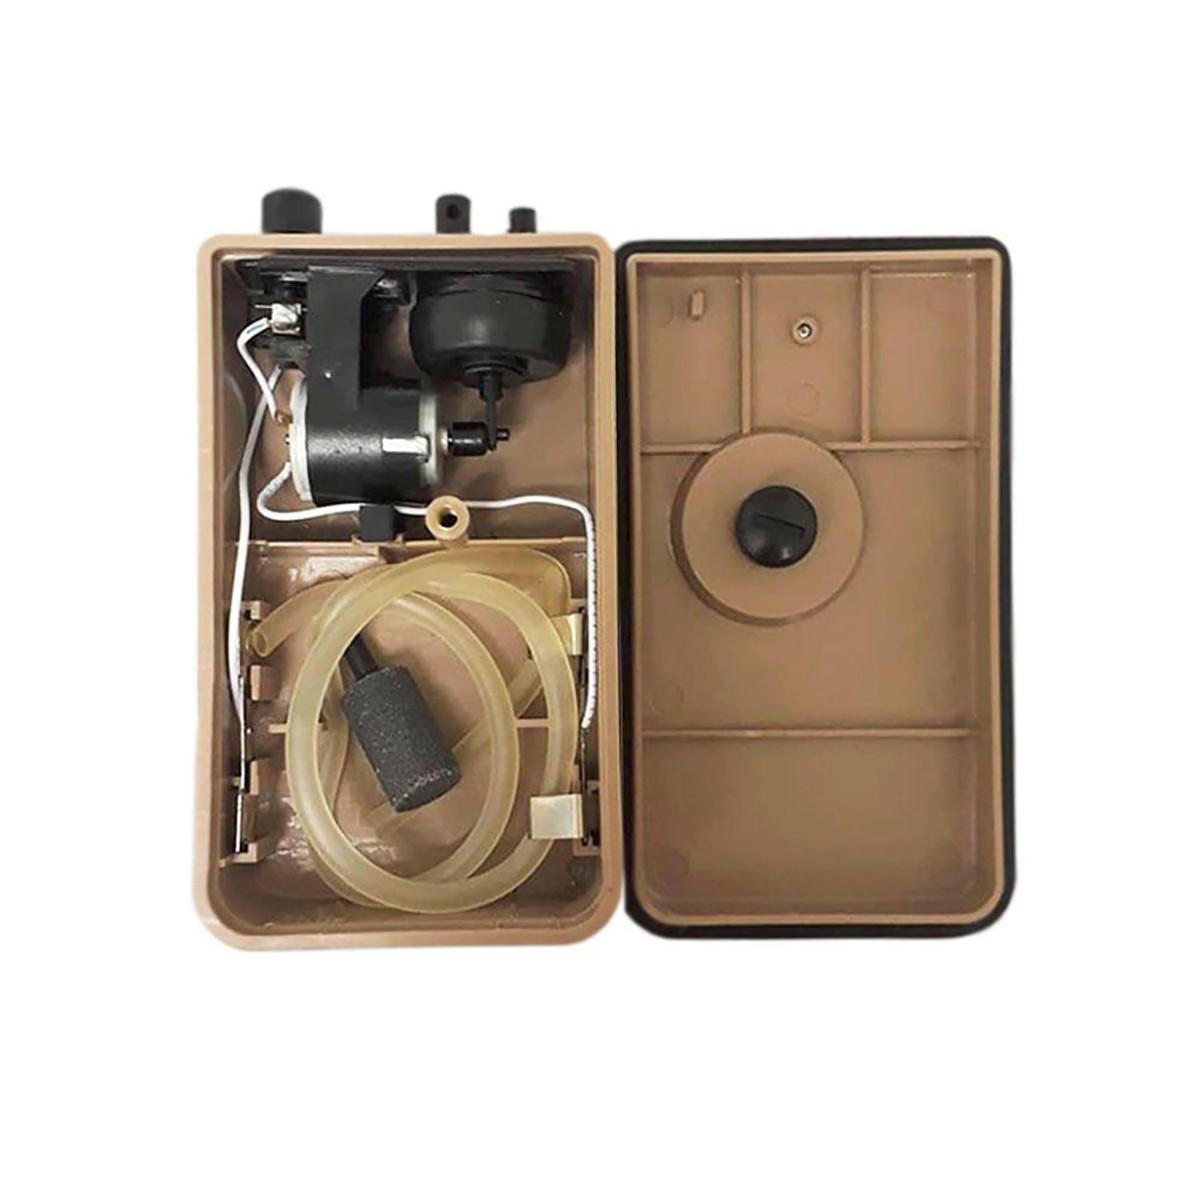 Compressor De Ar Boyu D 200 para Aquários + Pilha